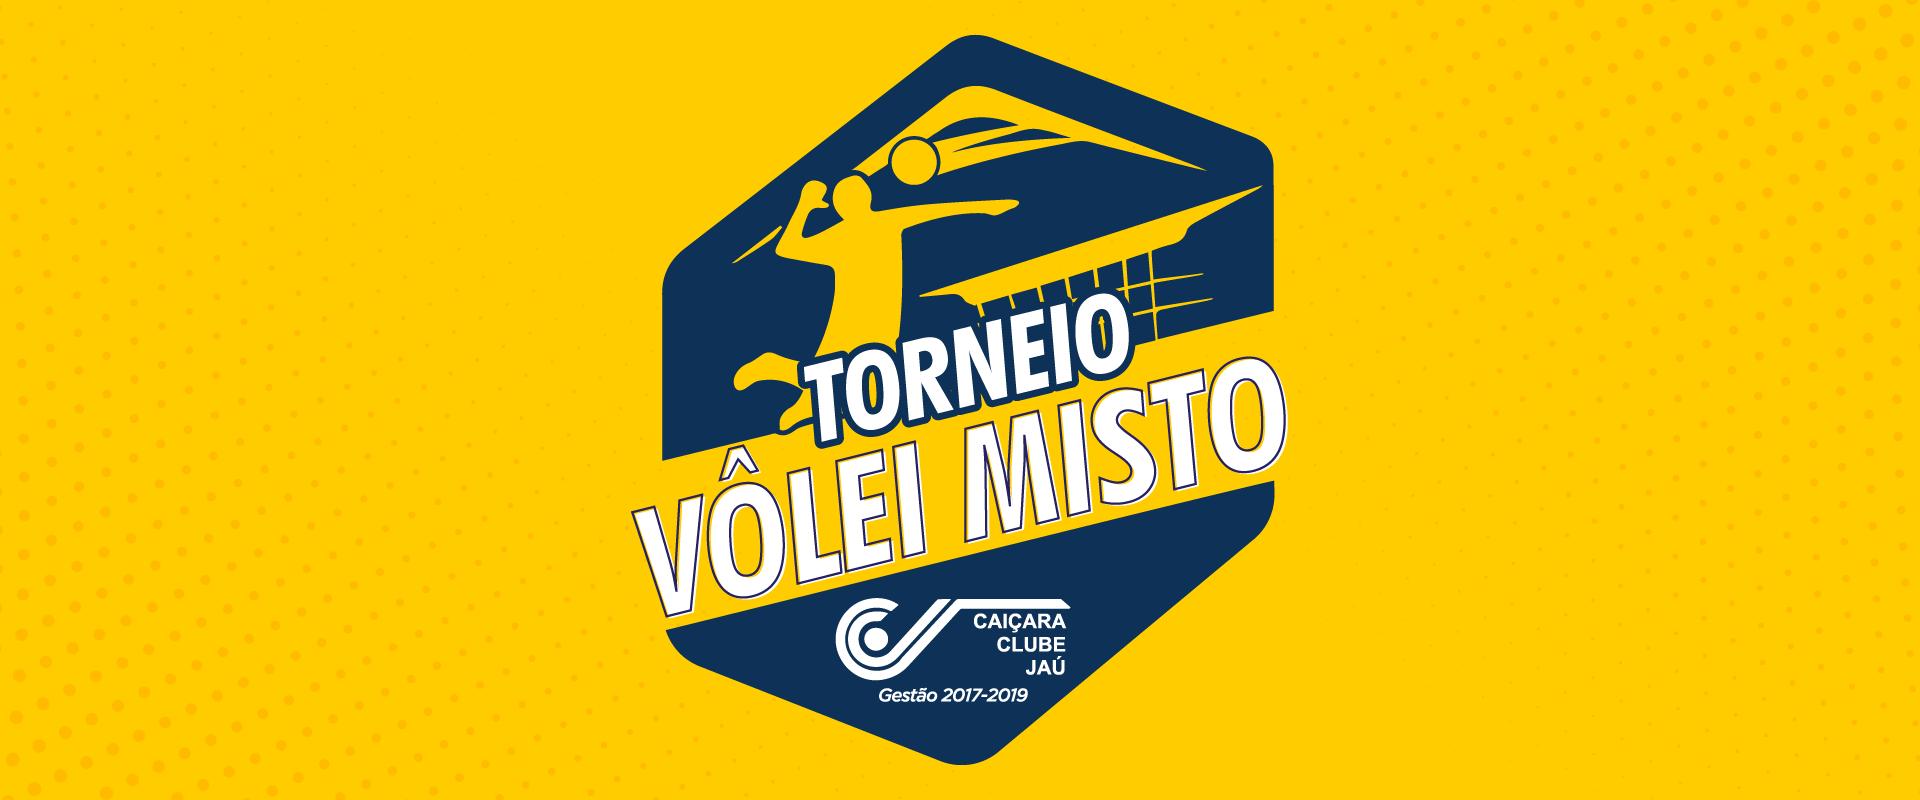 site_volei misto_Site_banner